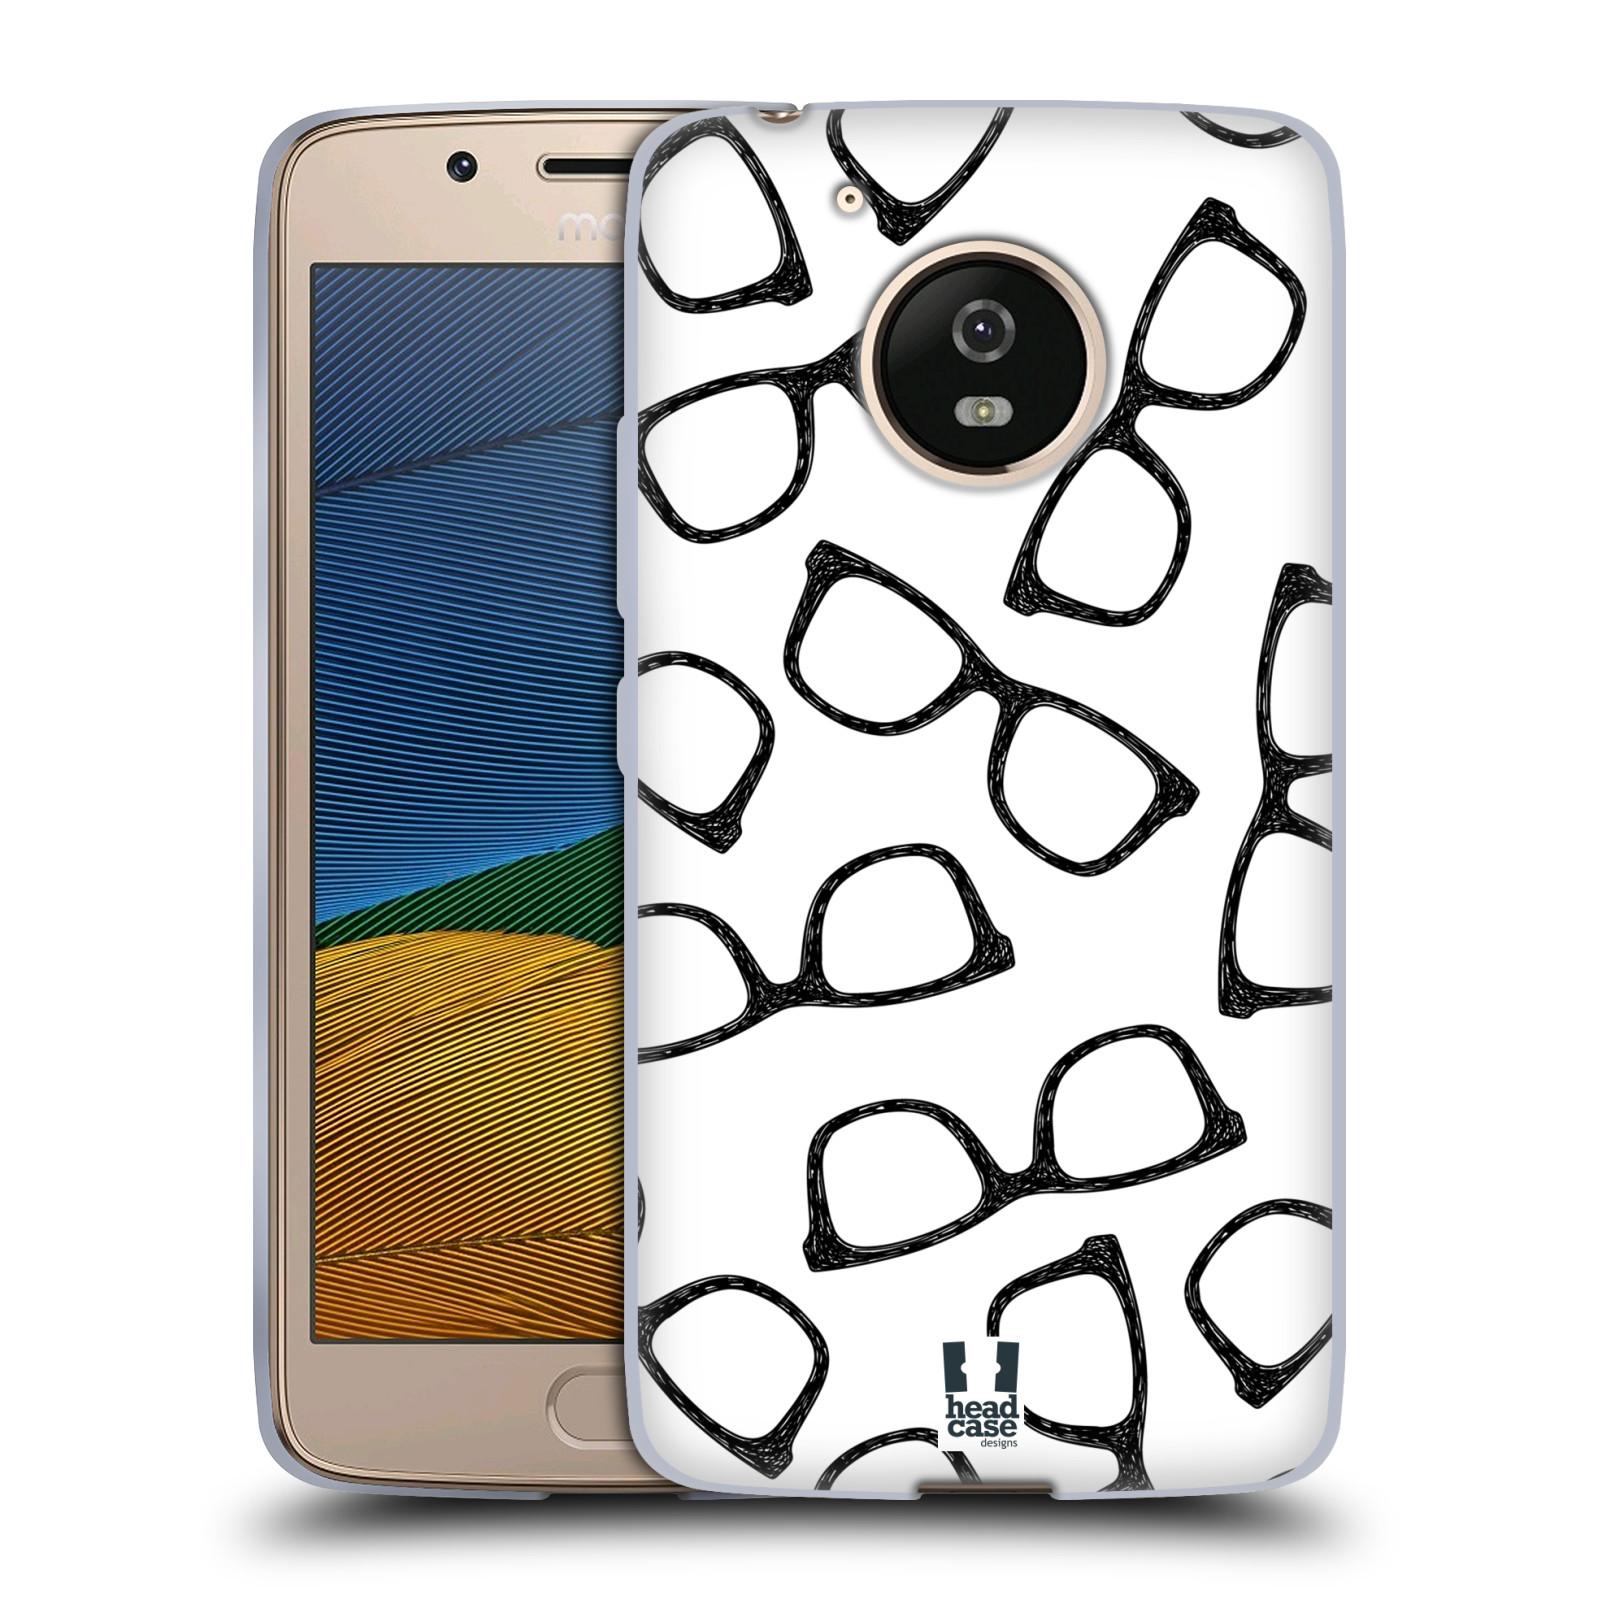 Silikonové pouzdro na mobil Lenovo Moto G5 - Head Case HIPSTER BRÝLE (Silikonový kryt či obal na mobilní telefon Lenovo Moto G5)